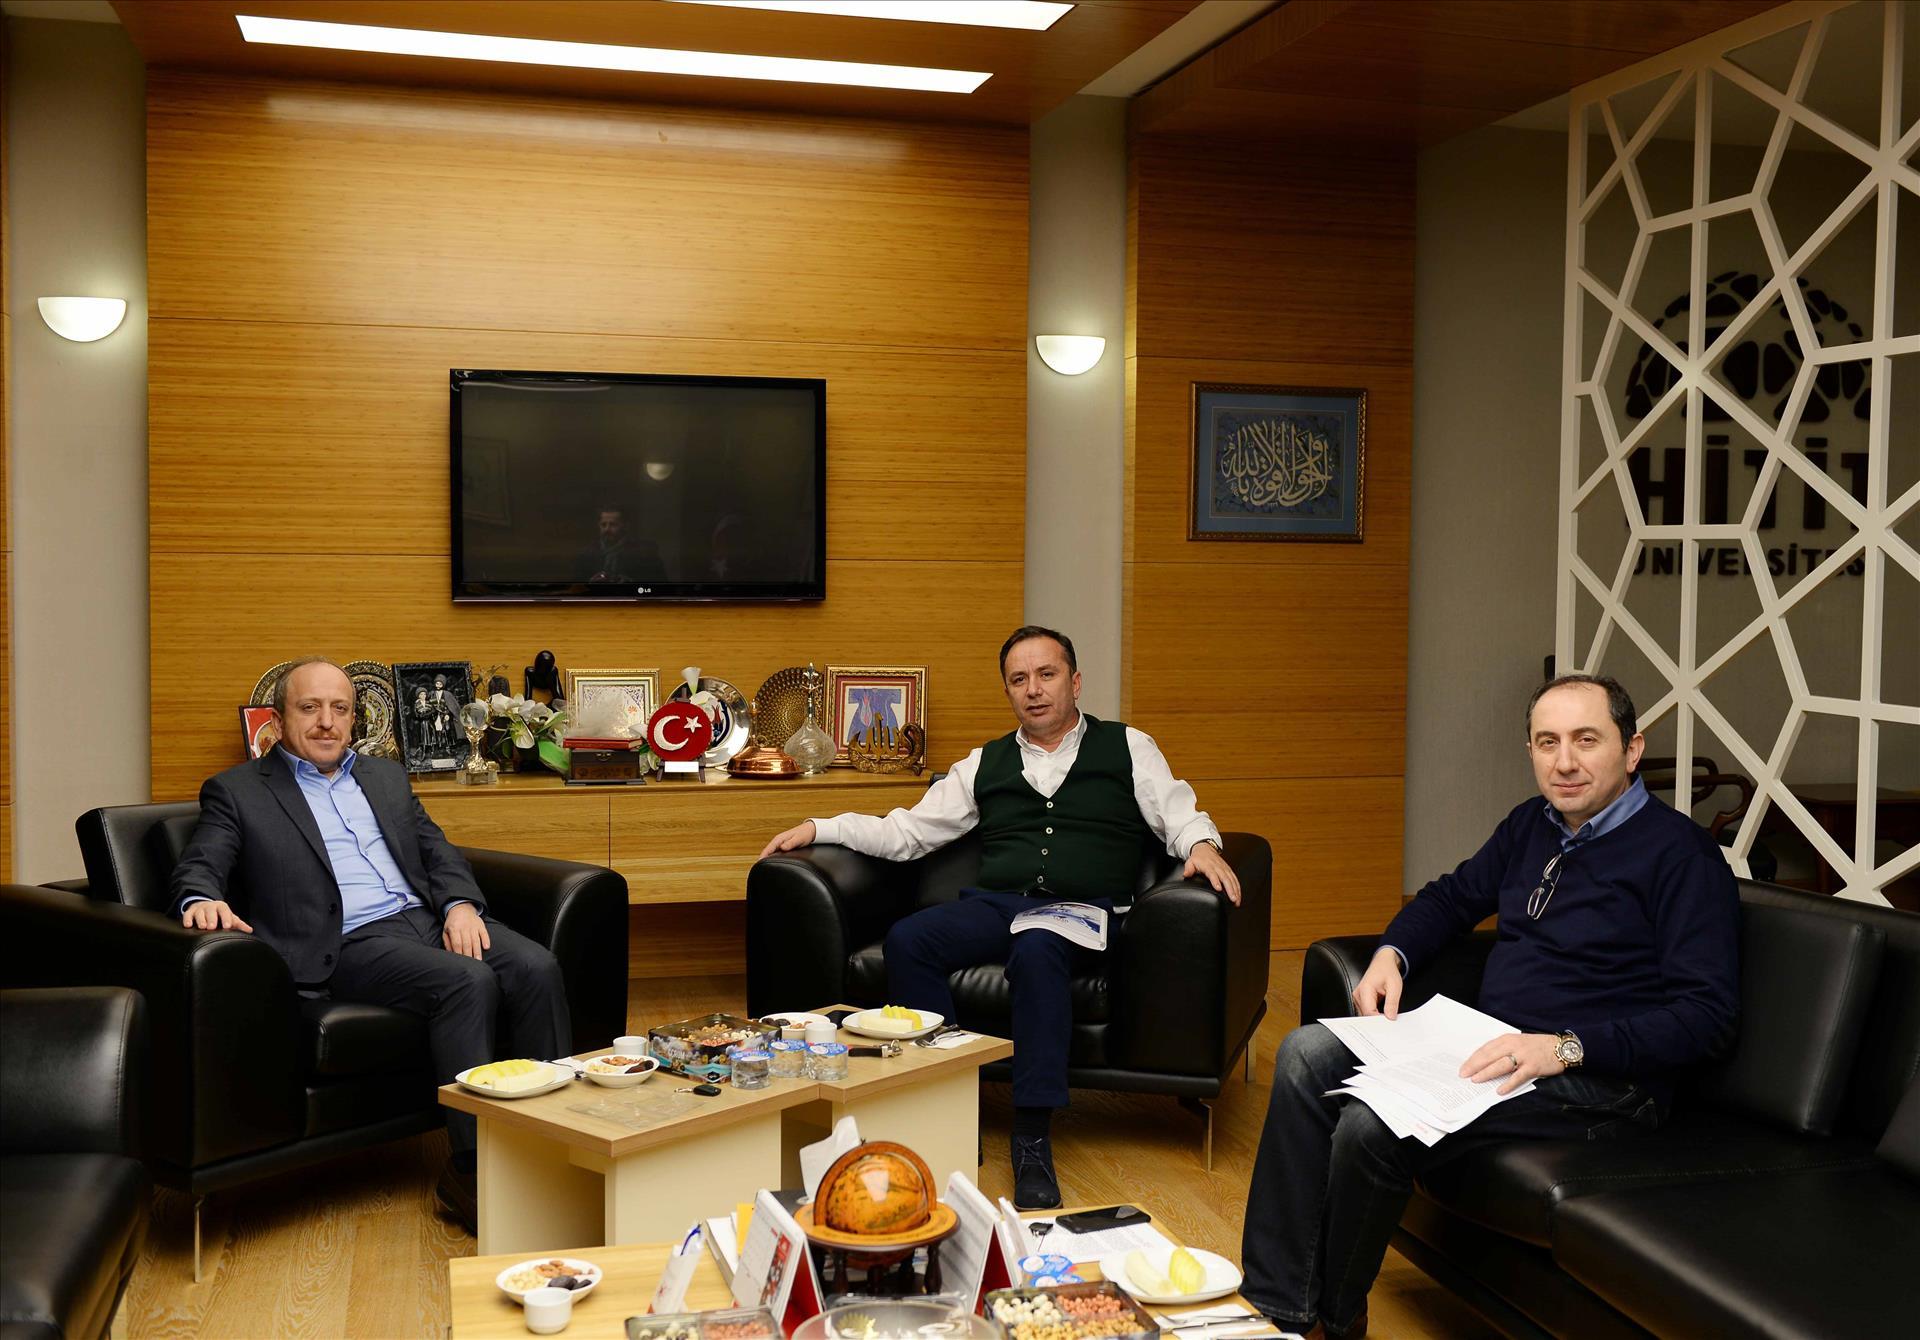 Rektörümüze Çorum Milletvekili Ceylan ve AK Parti İl Başkanı Av. Karadağ'dan Ziyaret